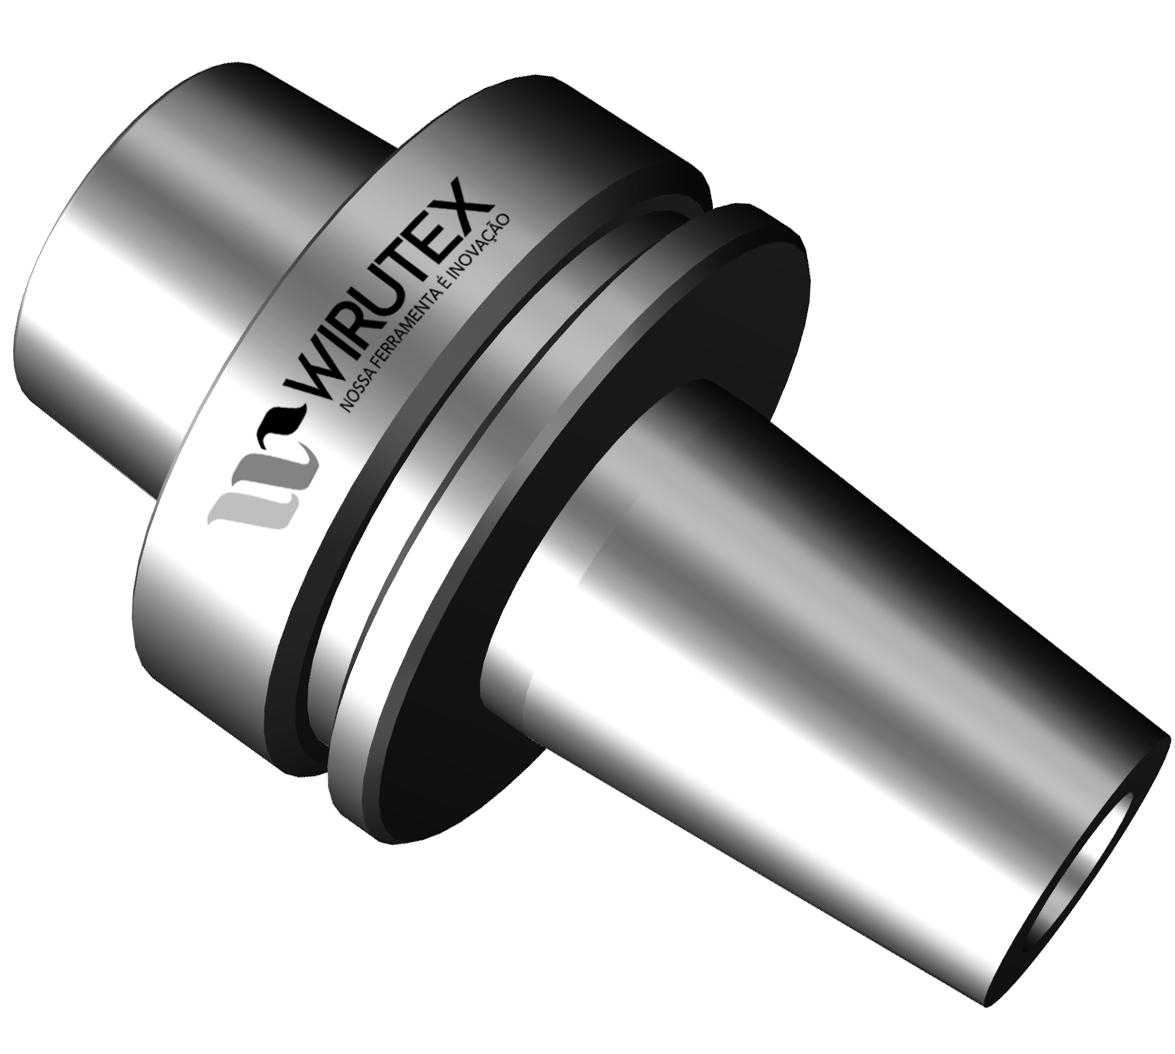 5492 - Cones Térmicos HSK-63F DIN 69893 | Produto | Wirutex - Nossa Ferramenta é Inovação